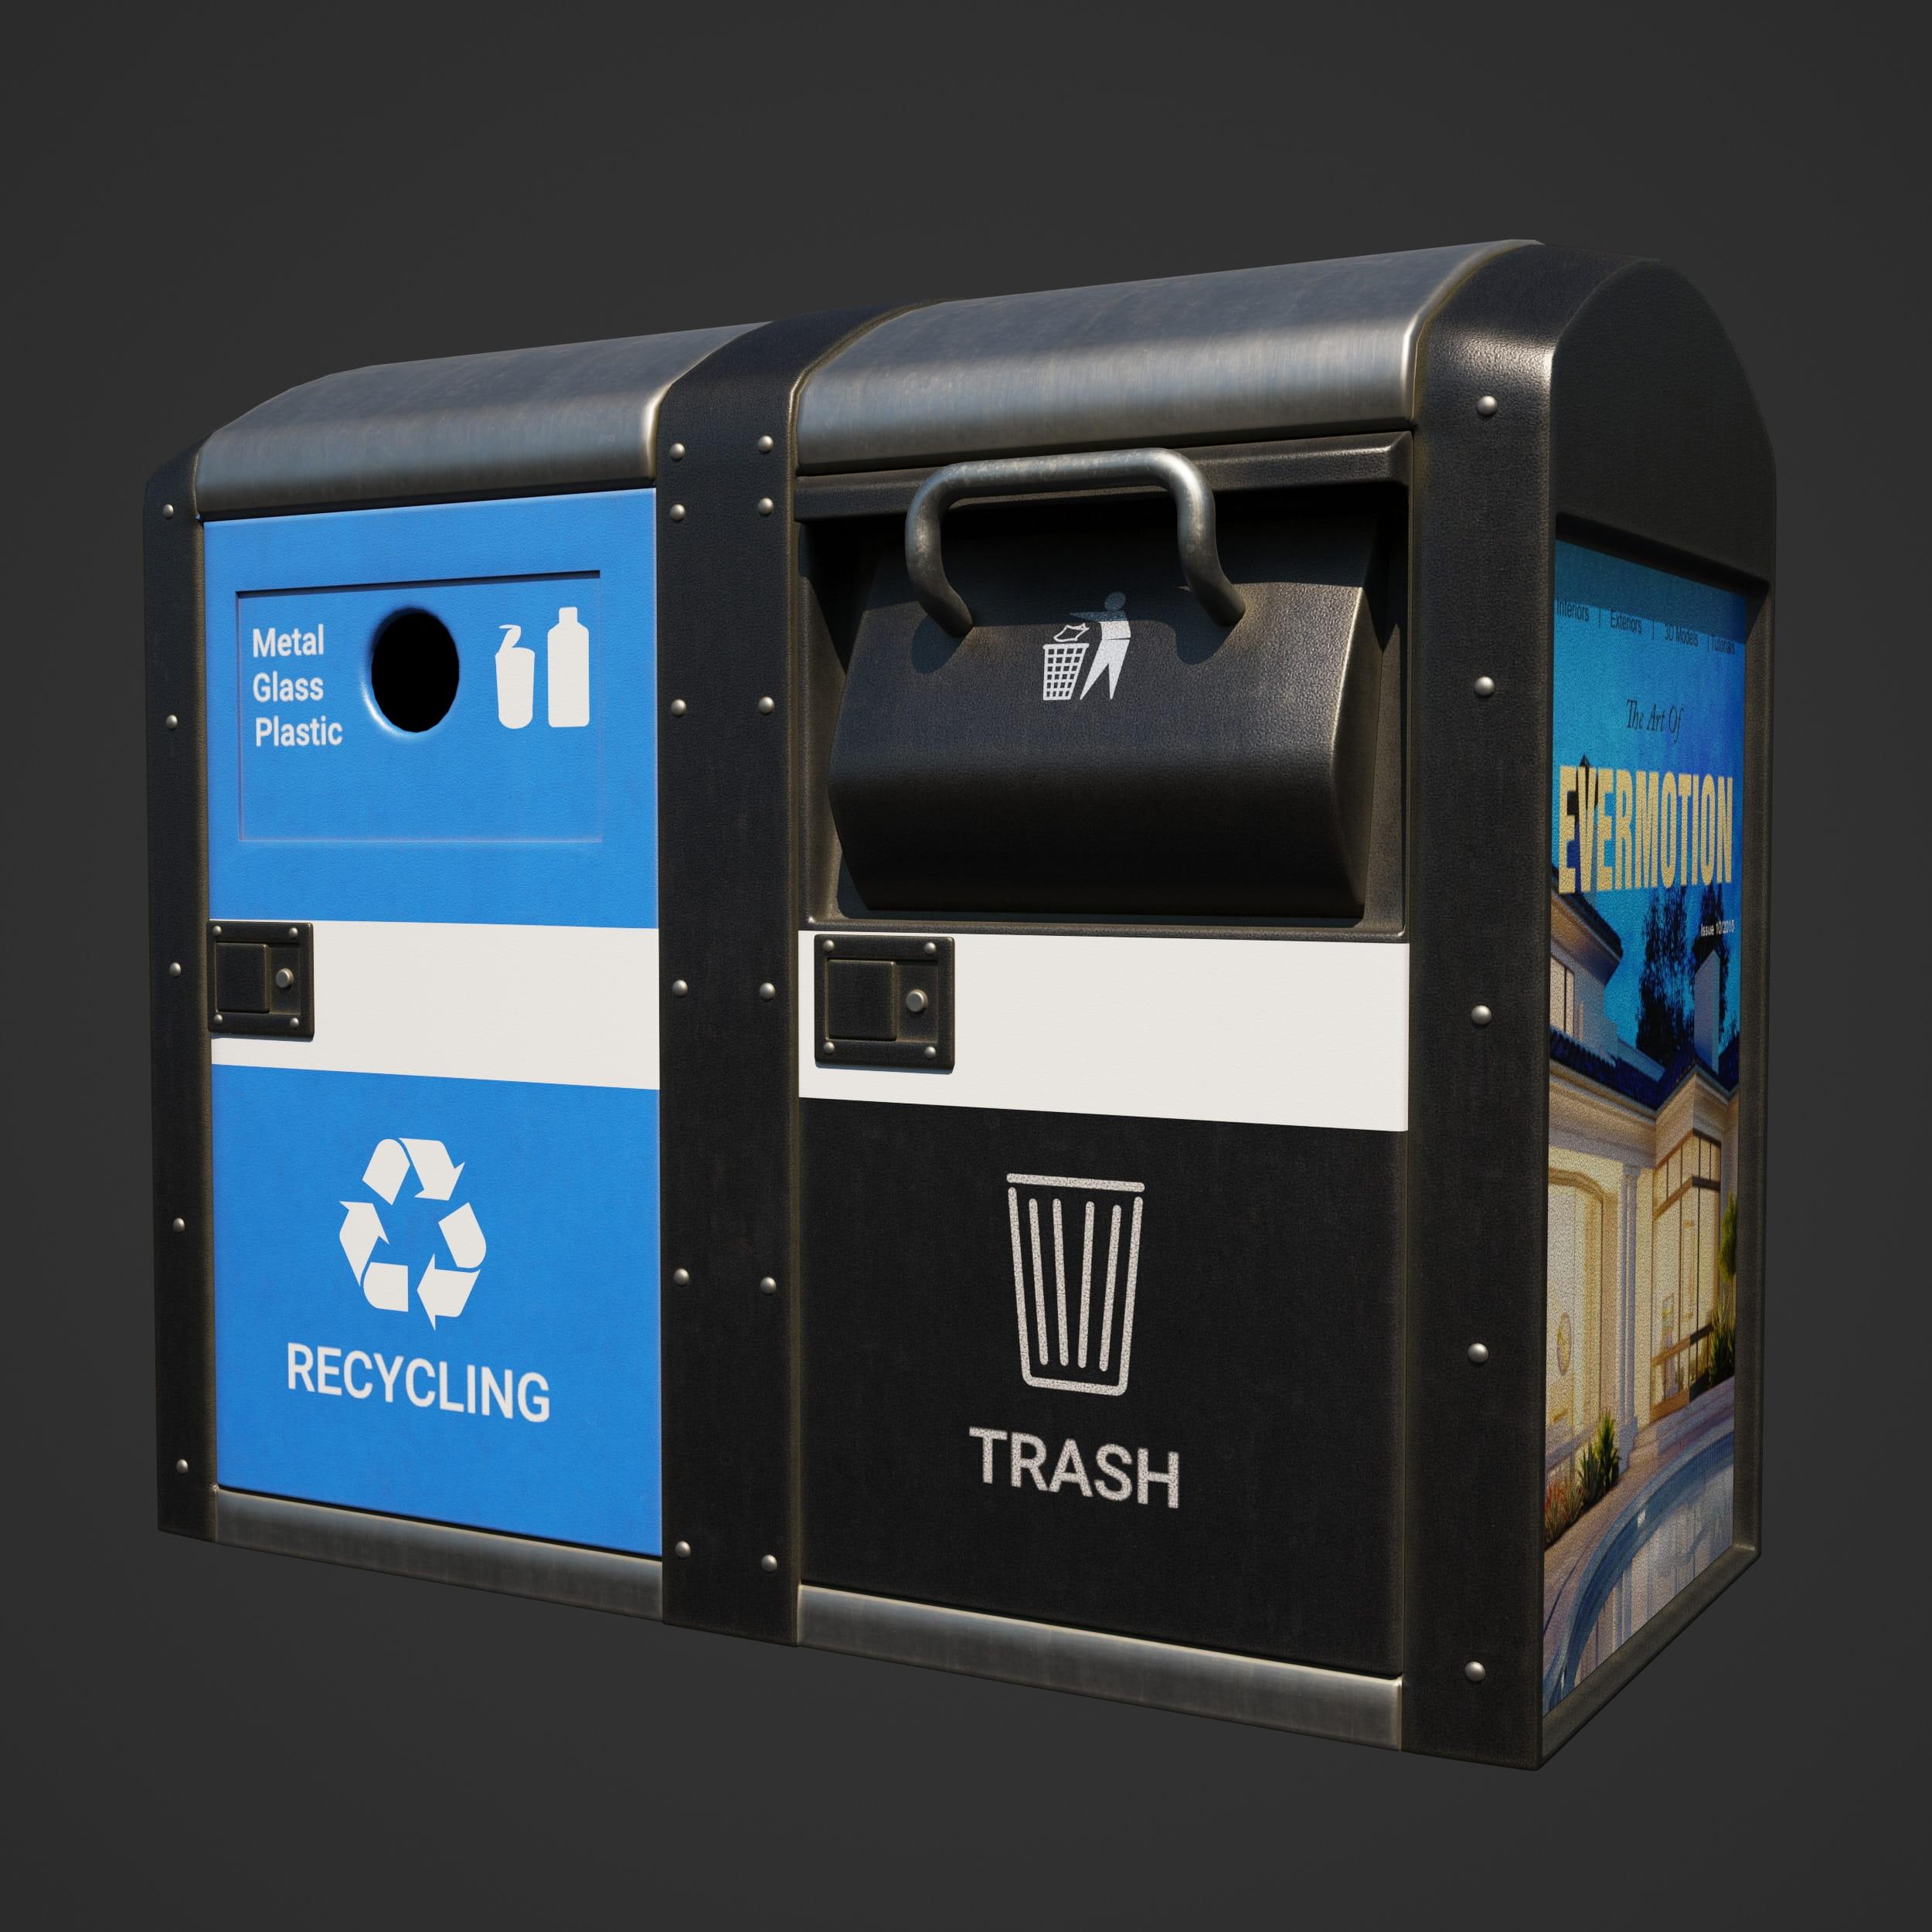 garbage bins 36 AM246